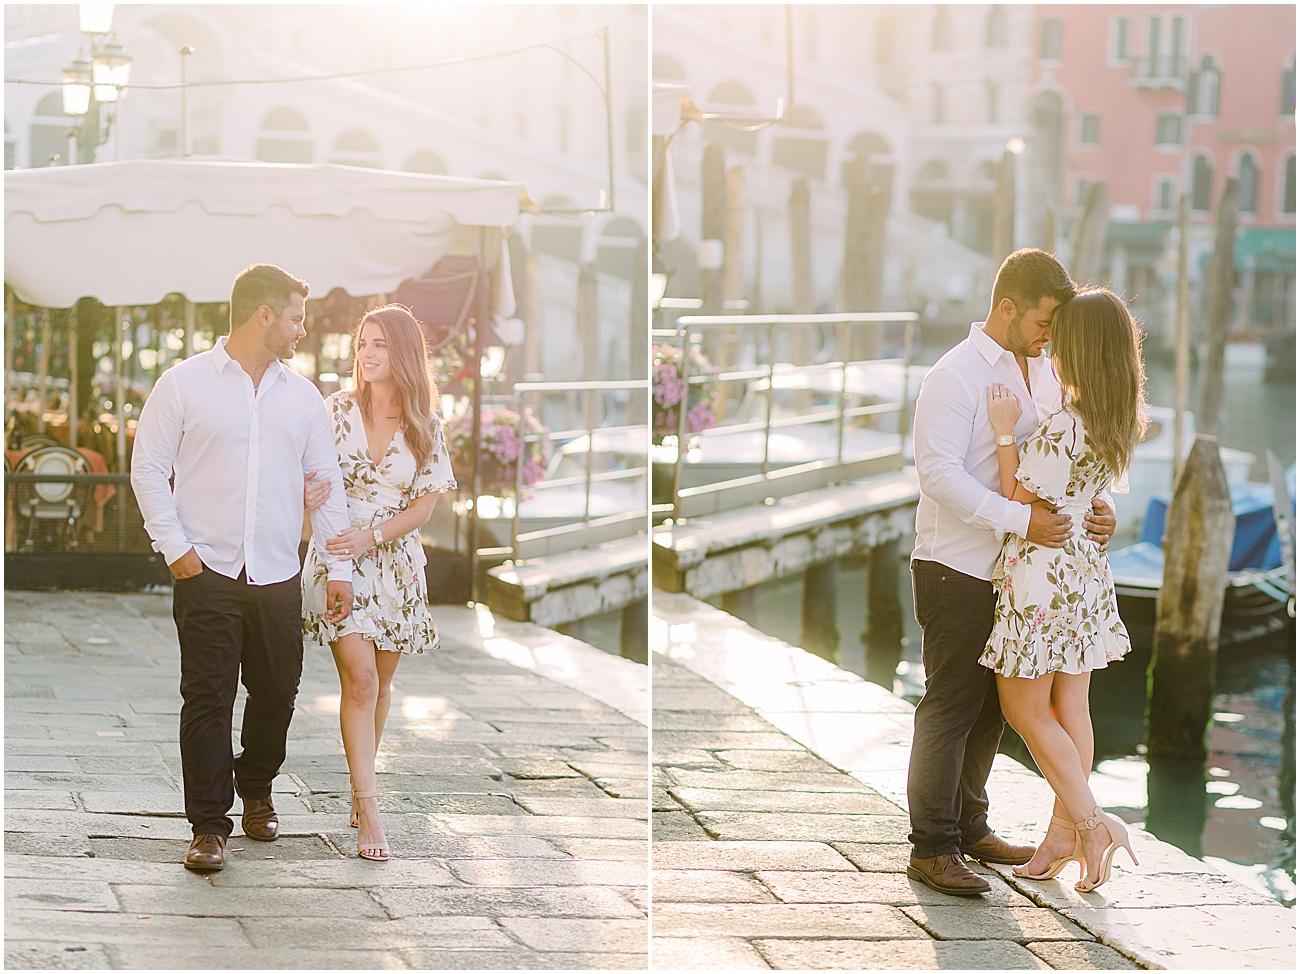 couple-lifestyle-photoshoot-in-venice-gondola-sunrise-stefano-degirmenci_0150.jpg